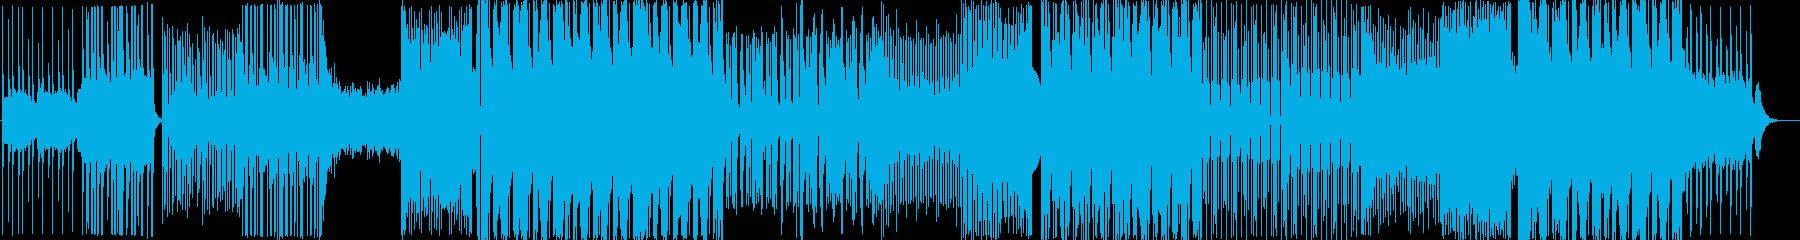 流行りのK-POP風の楽曲の再生済みの波形